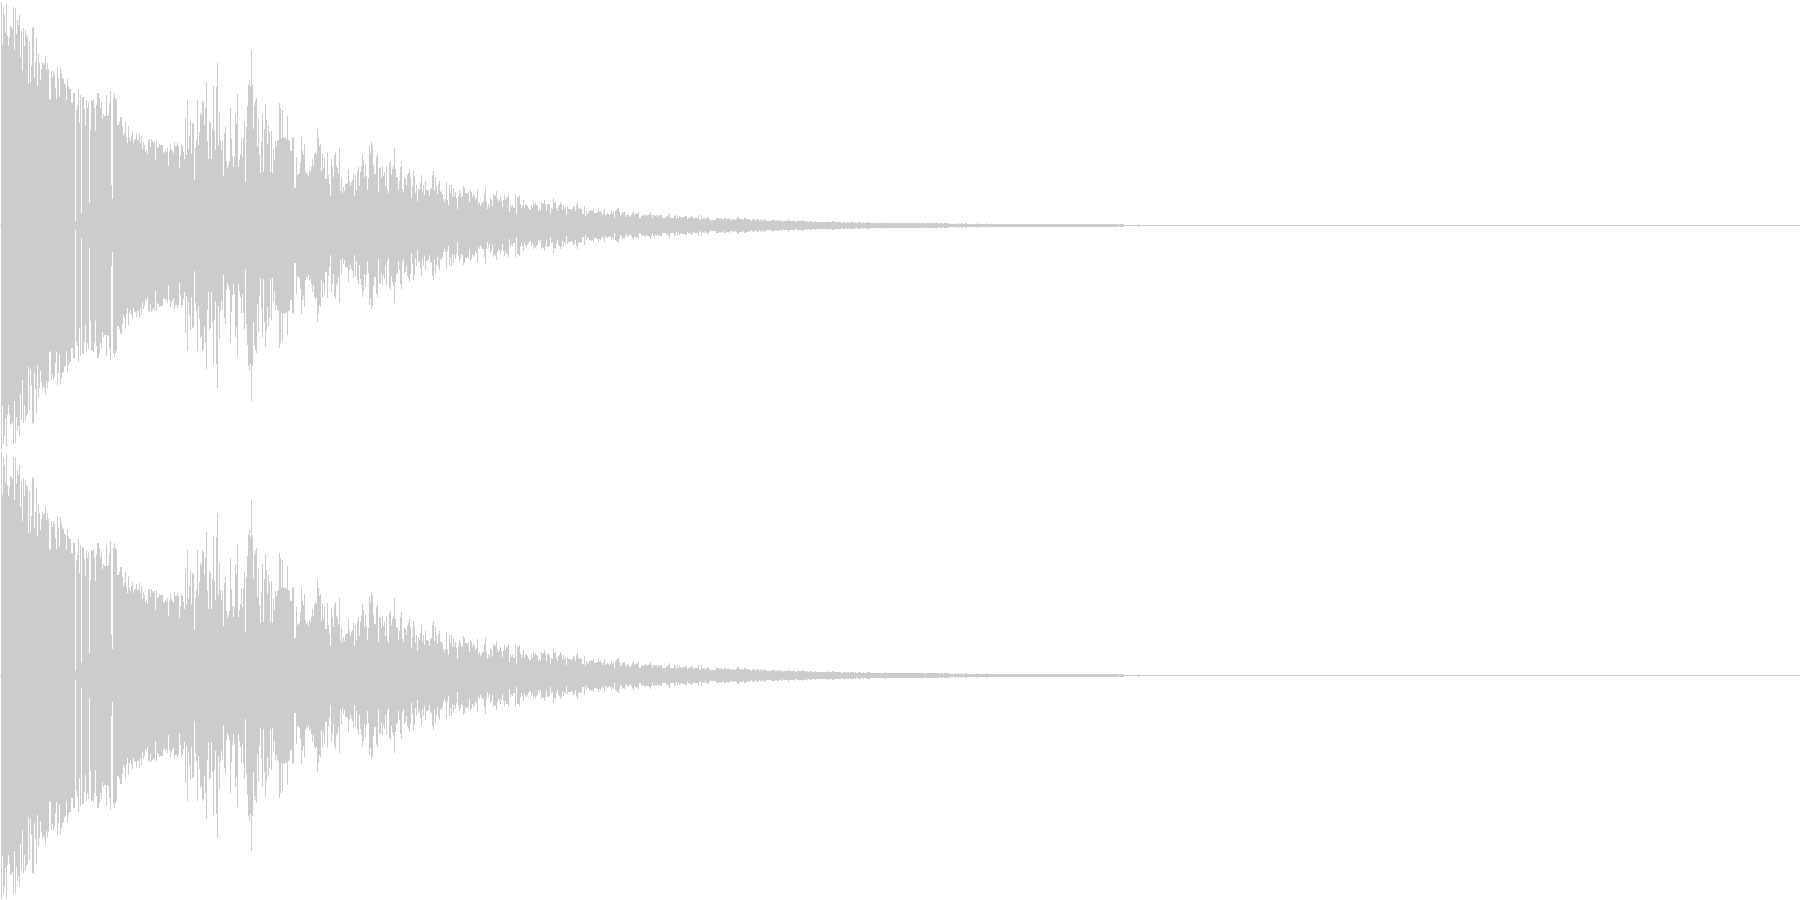 ジャンプする効果音ですの未再生の波形